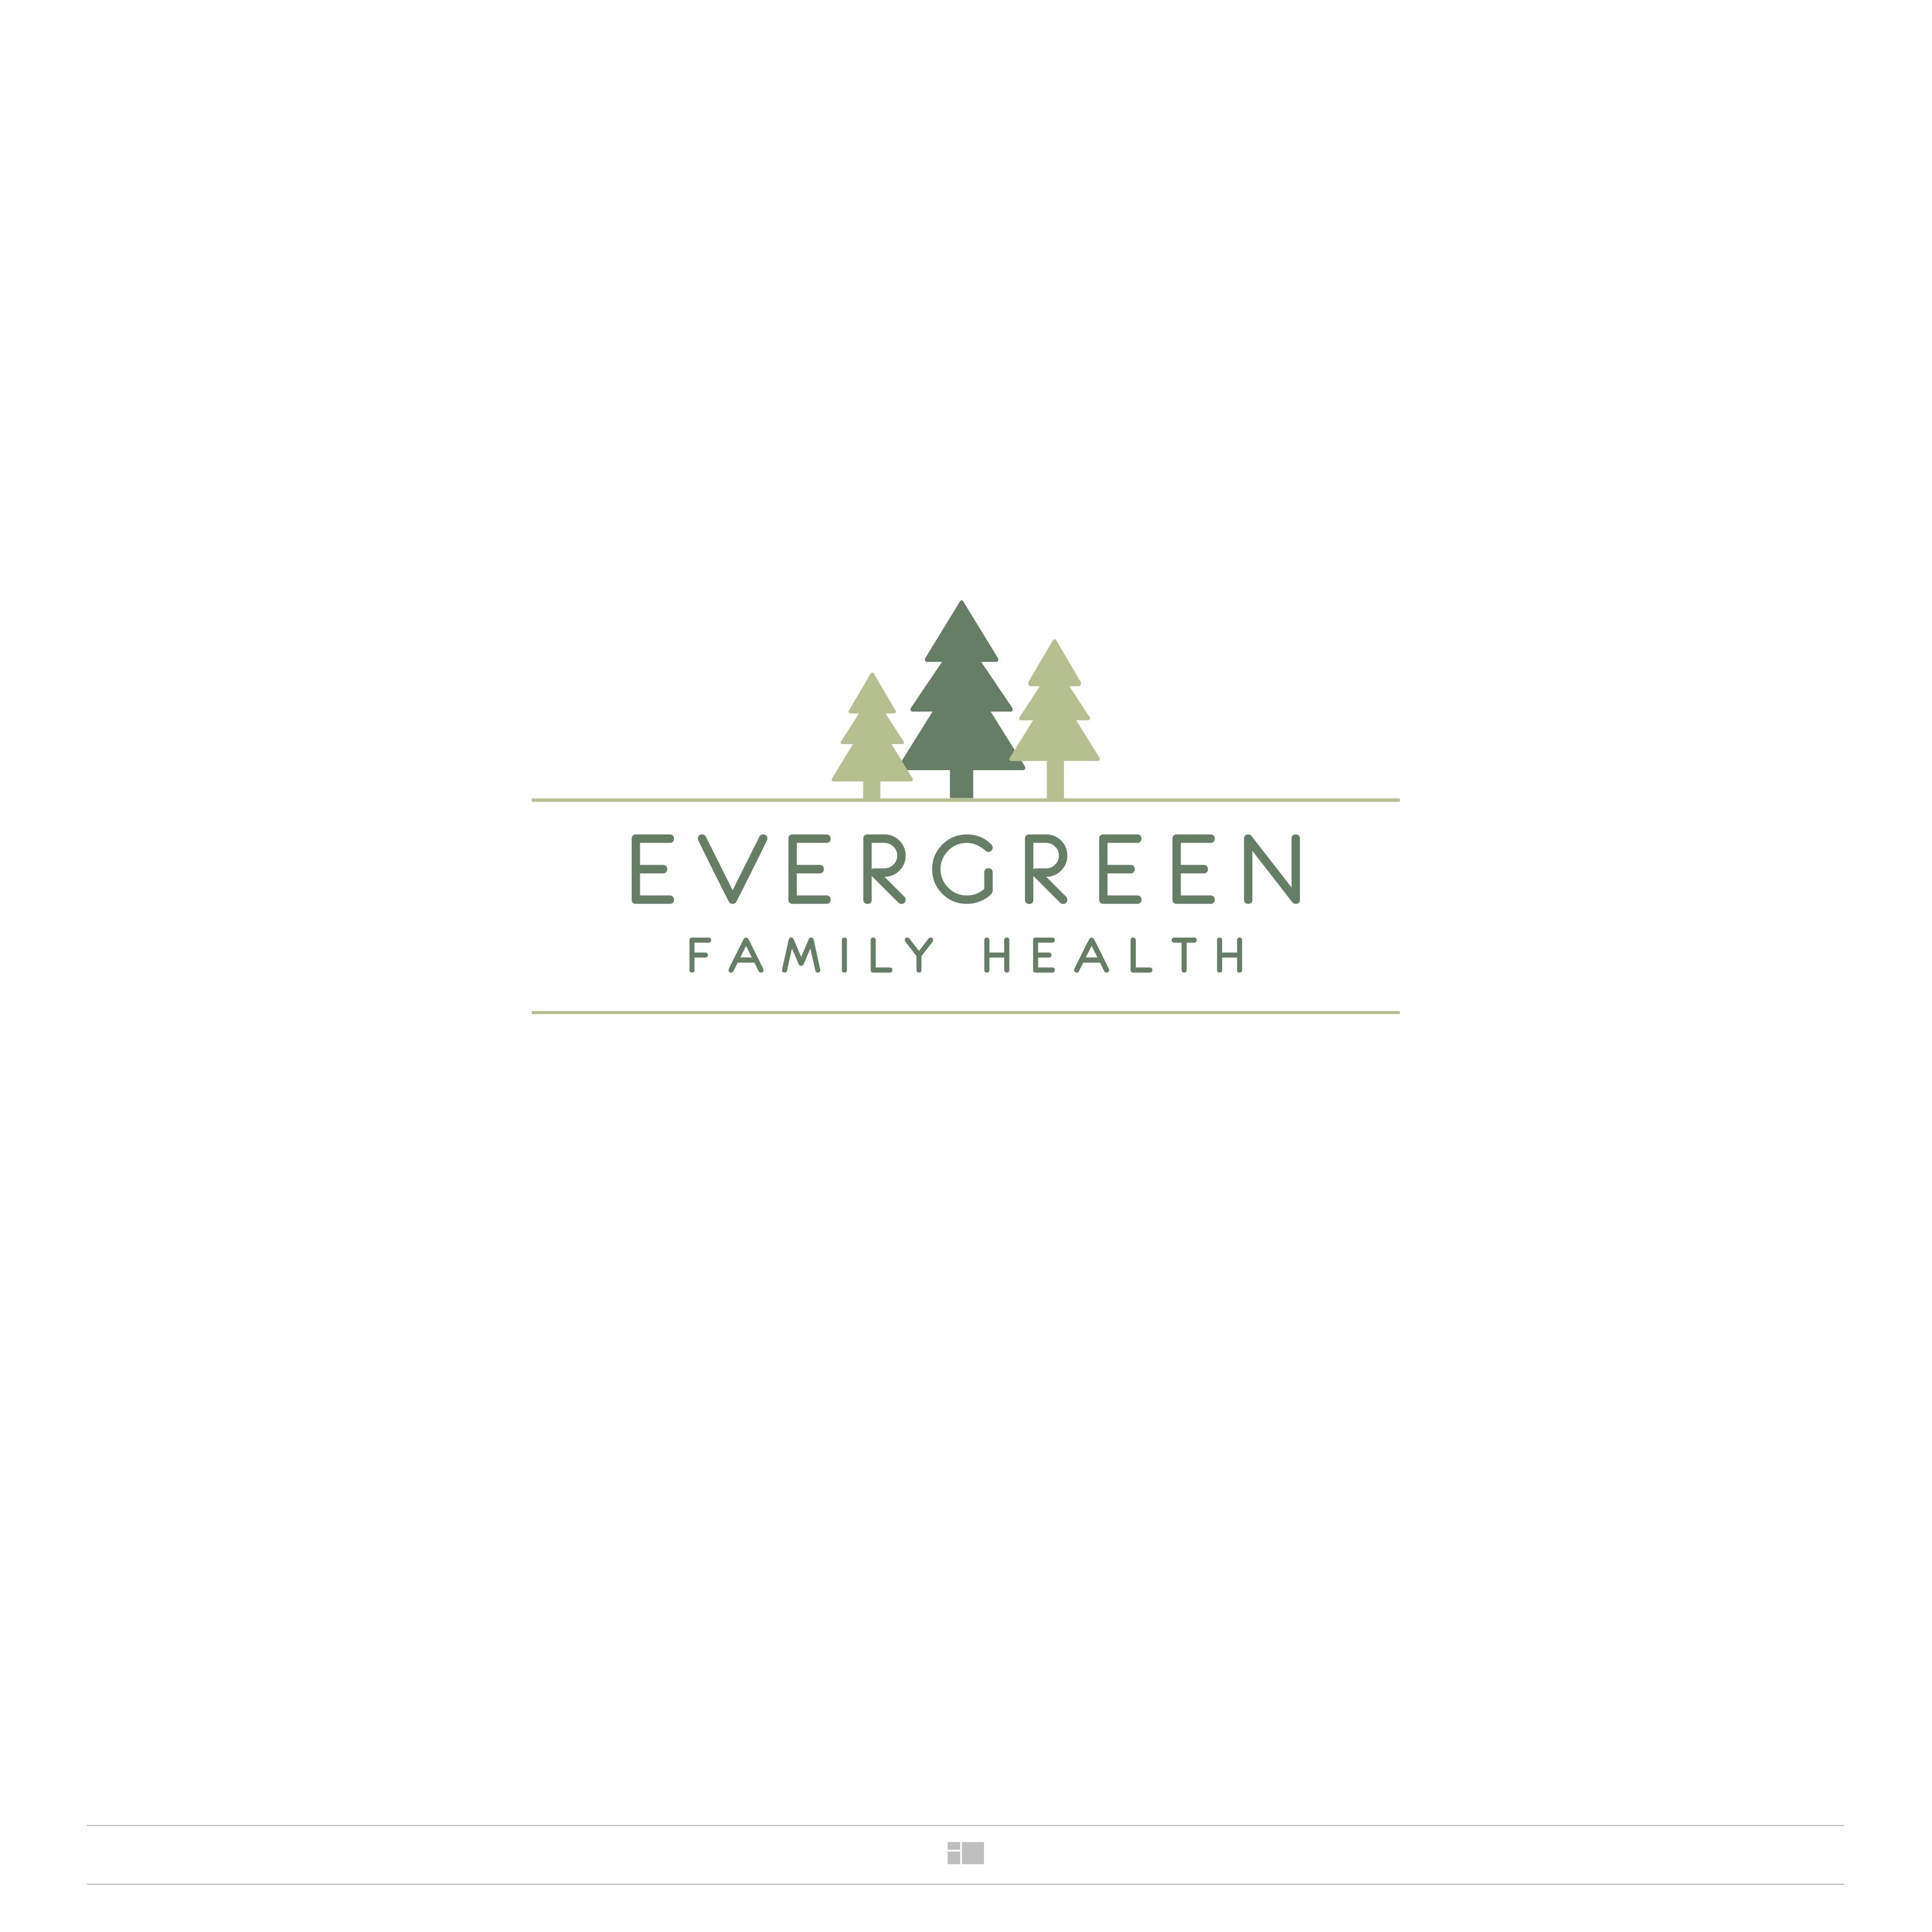 evergreen family health